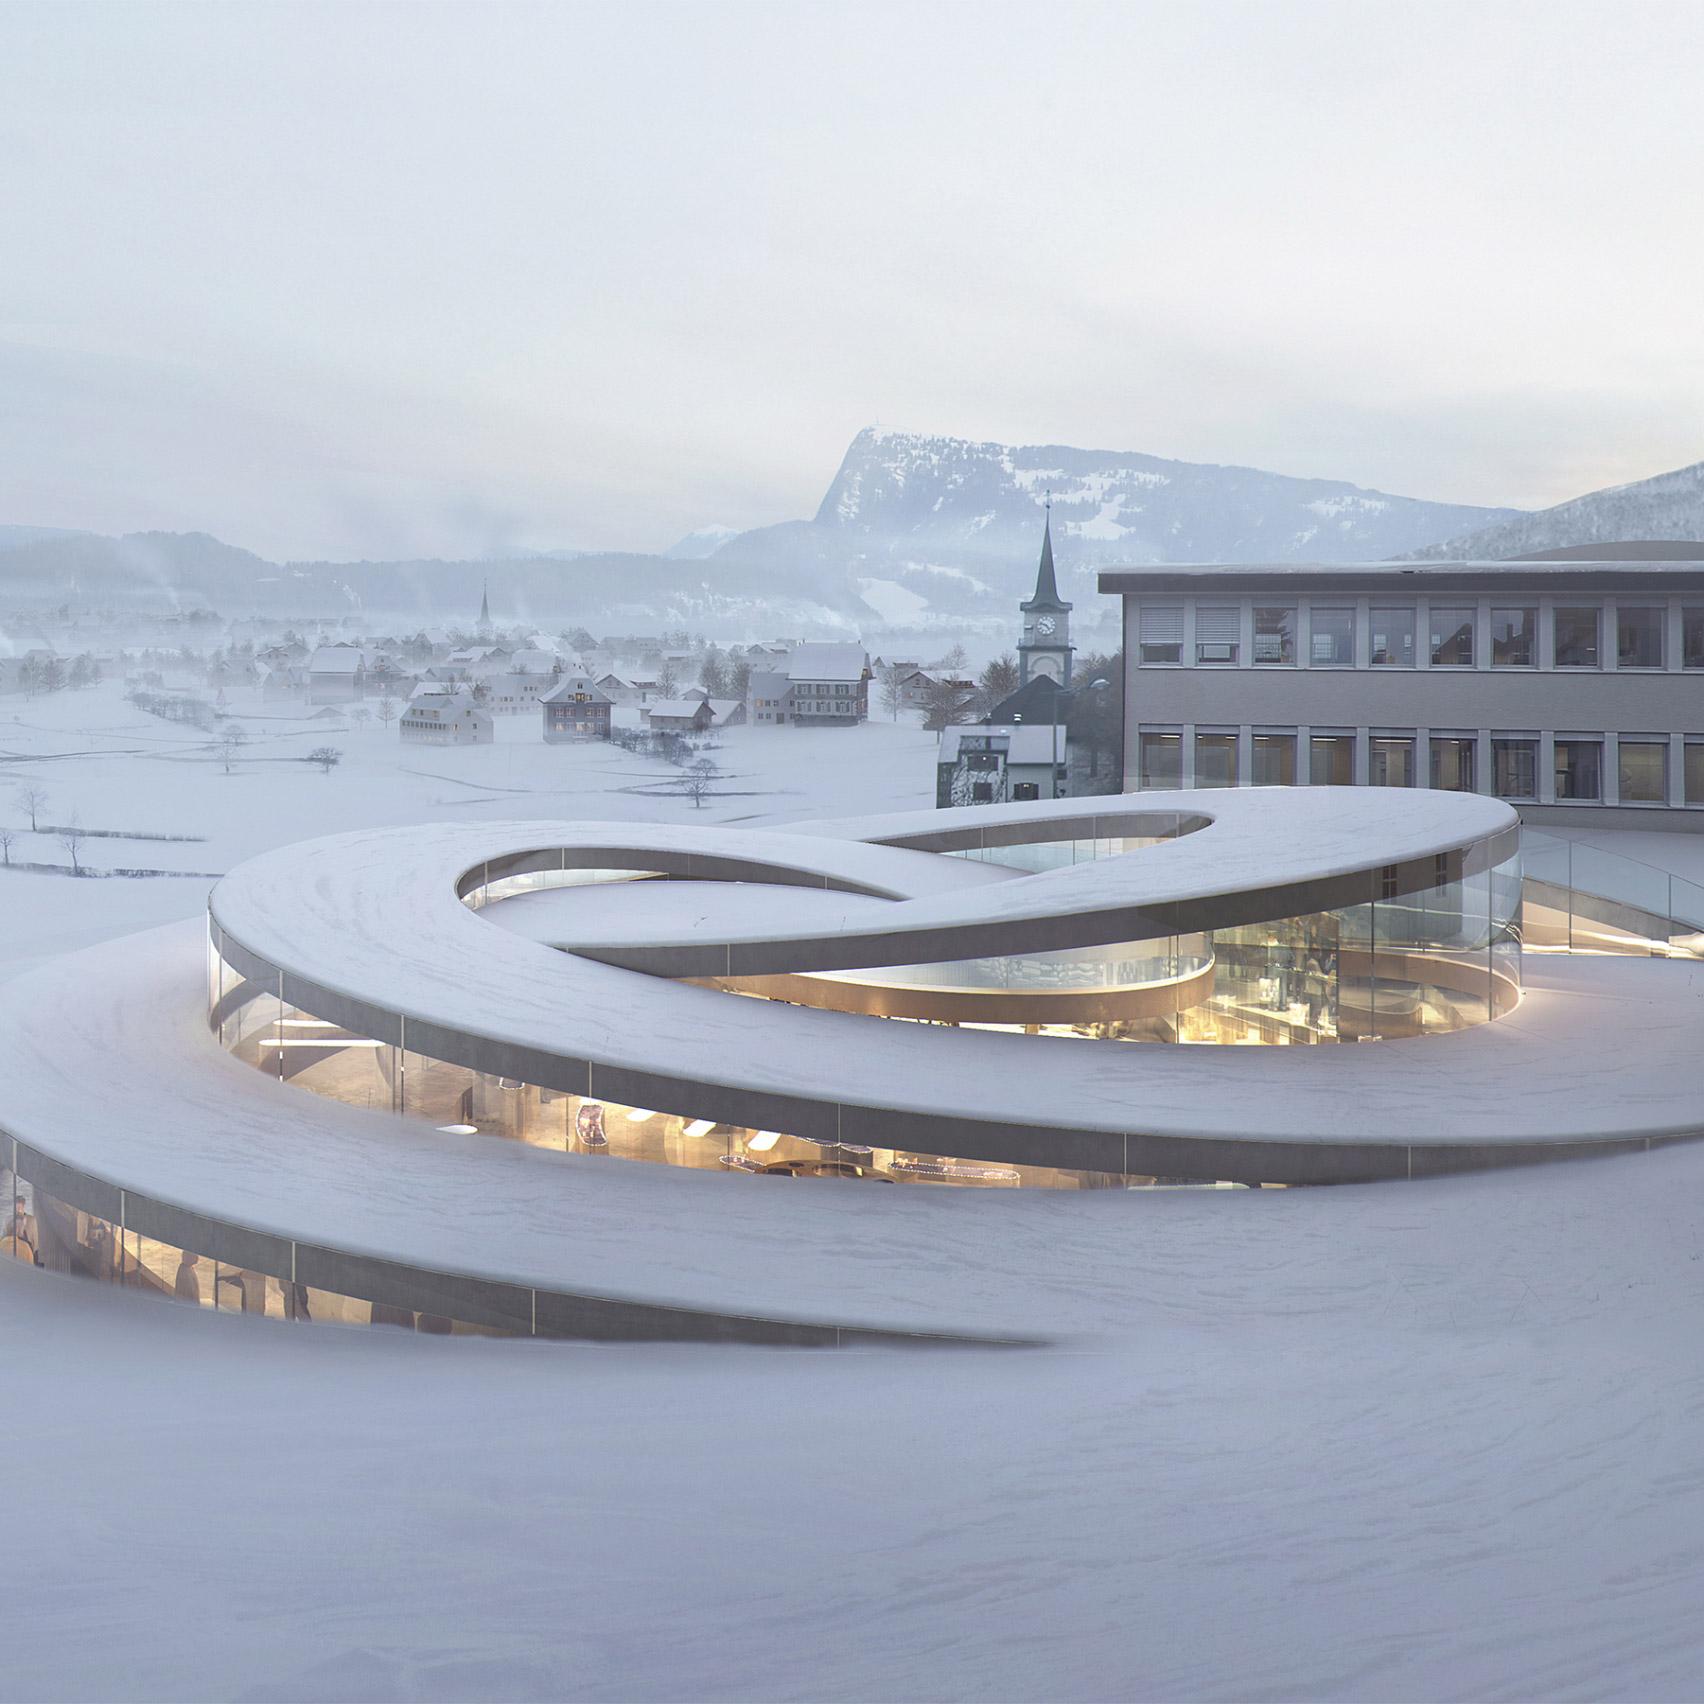 12 new buildings to look forward to in 2020: Musée Atelier Audemars Piguet, Switzerland, BIG